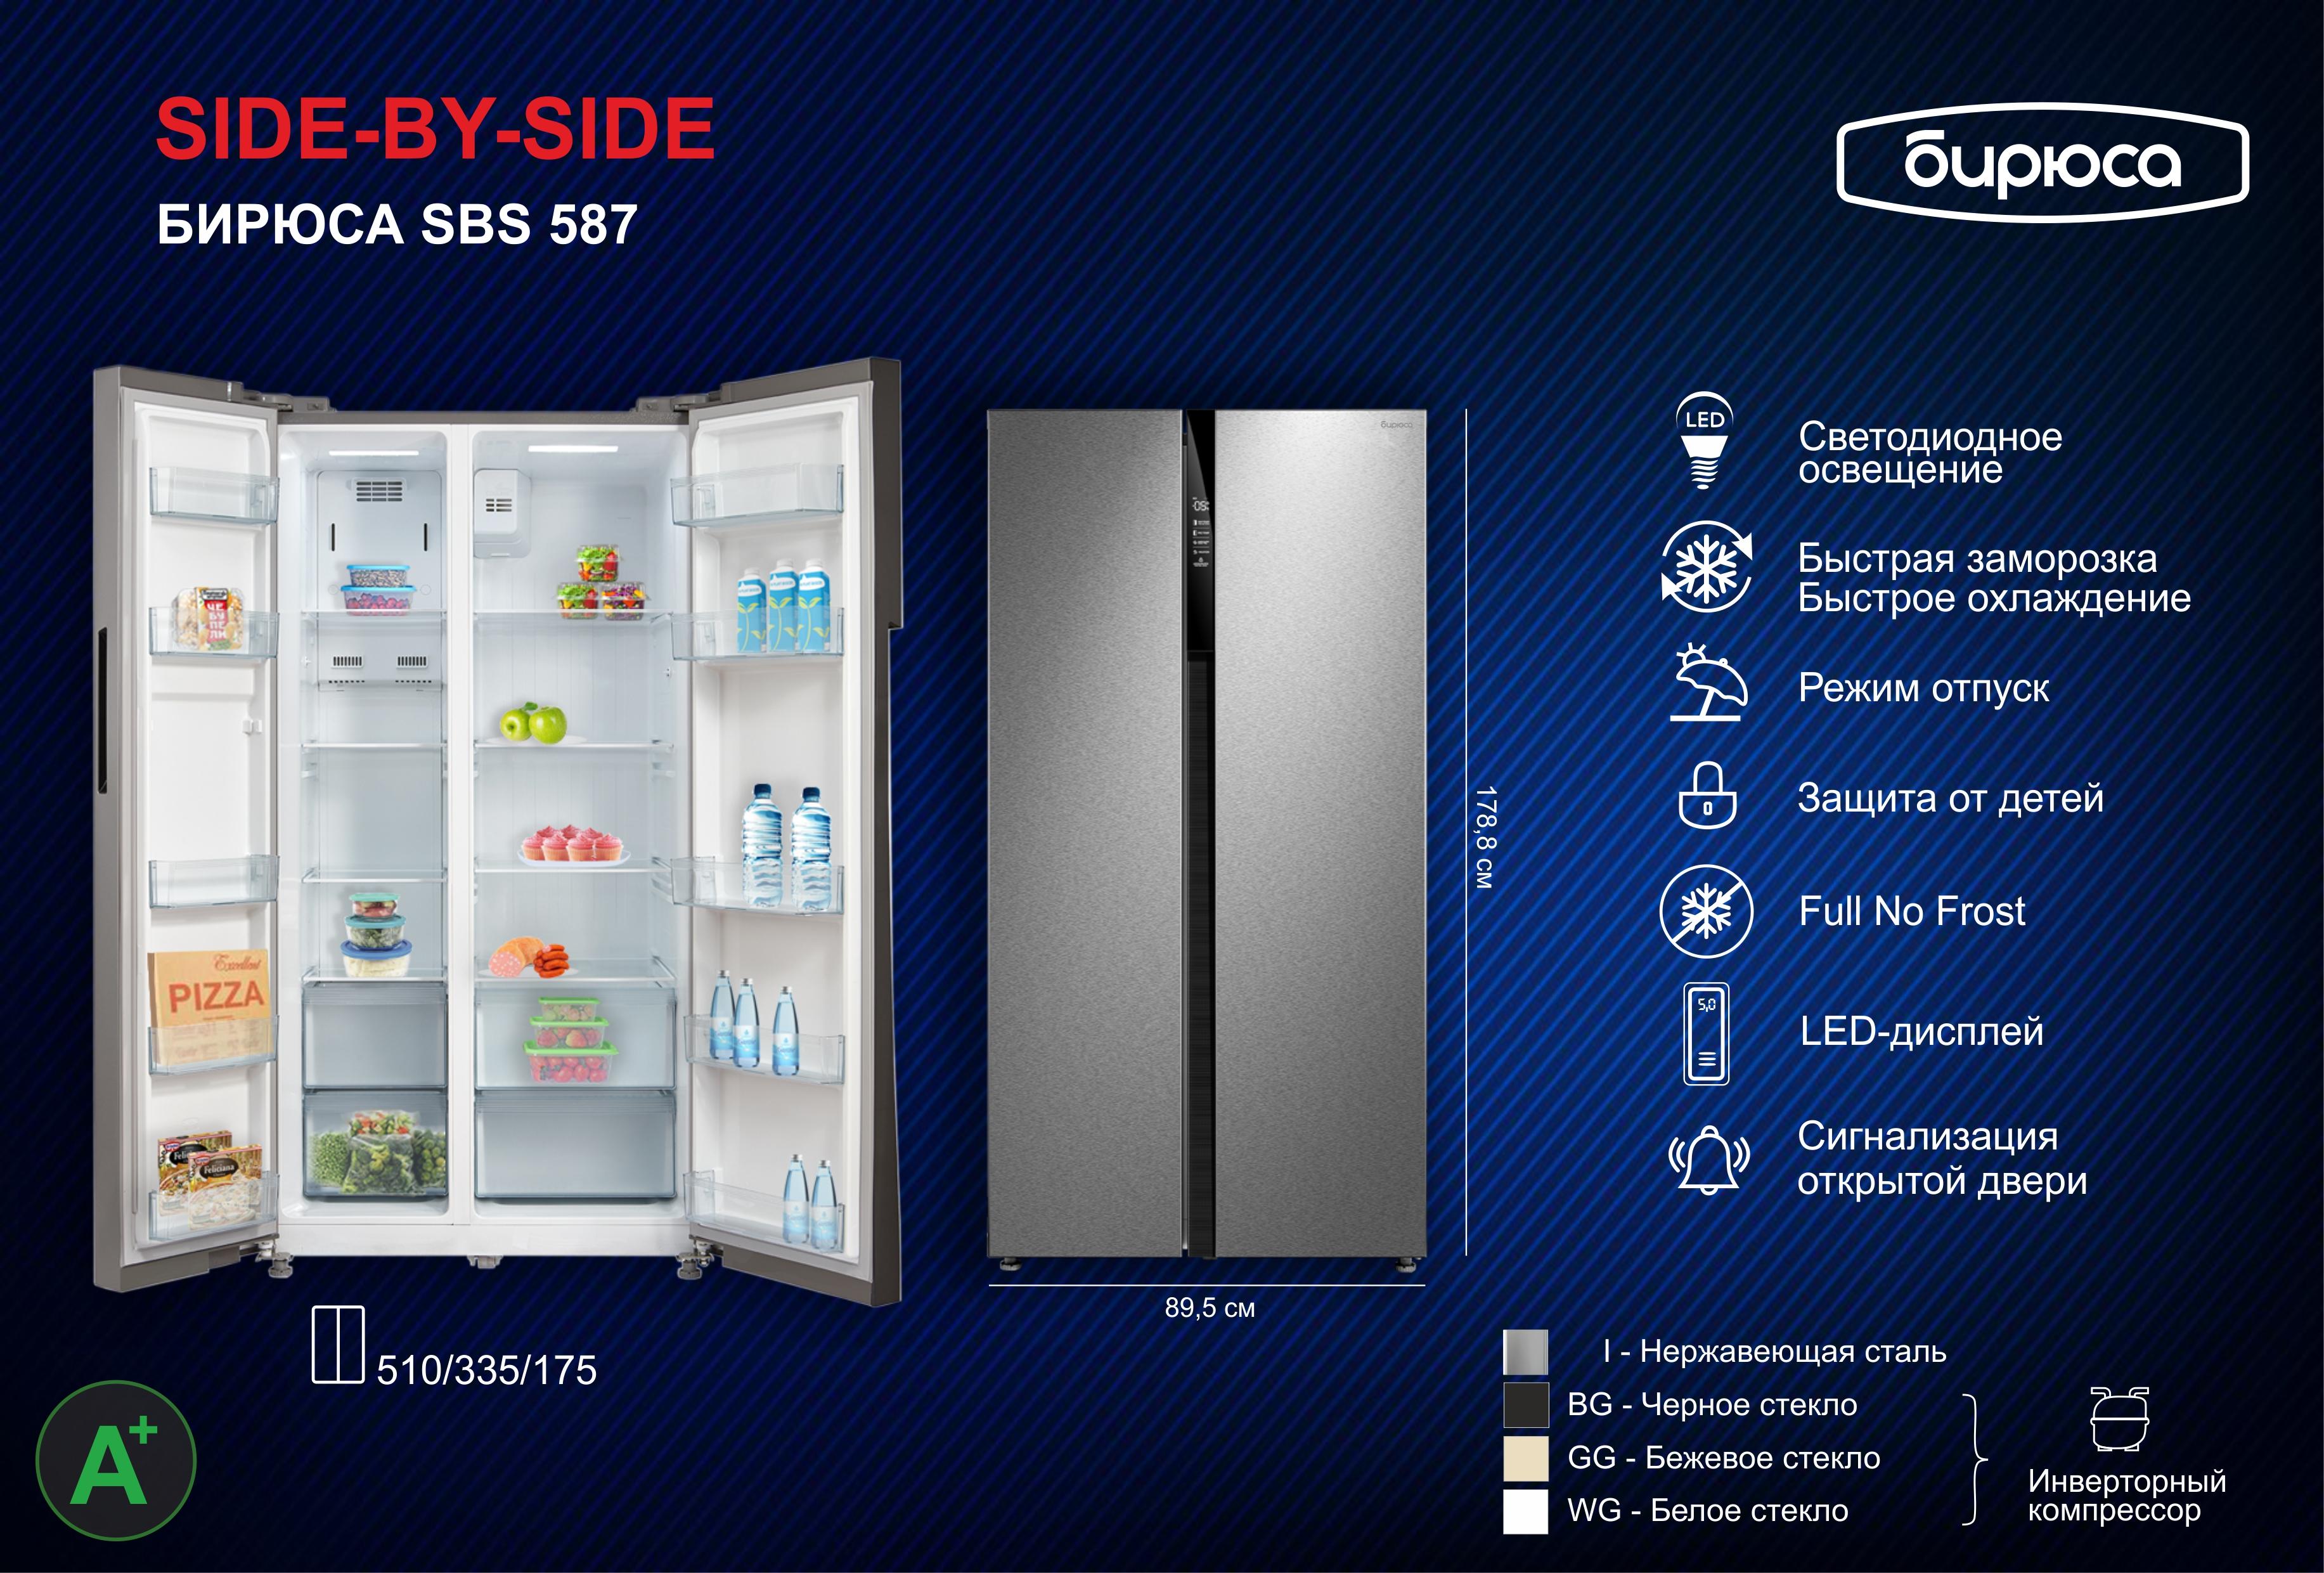 Какой холодильник лучше — атлант, бирюса, позис, веко, индезит. совет специалиста по выбору подходящей модели для дома